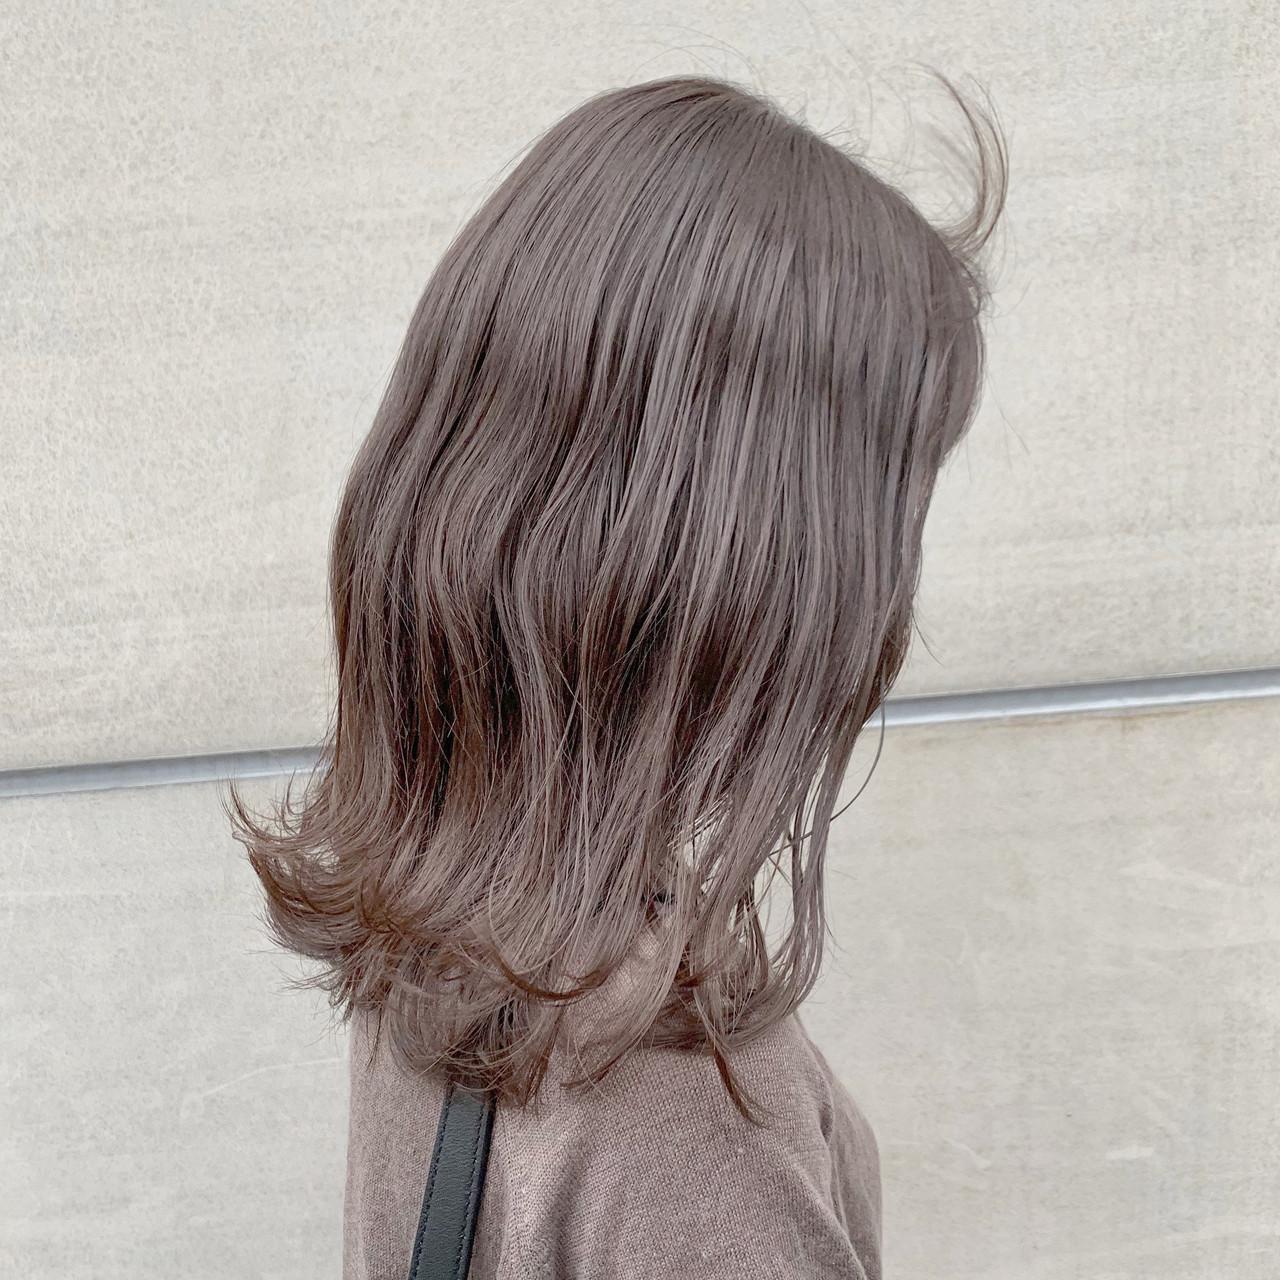 セミロング ピンクベージュ ブリーチなし 透明感カラー ヘアスタイルや髪型の写真・画像